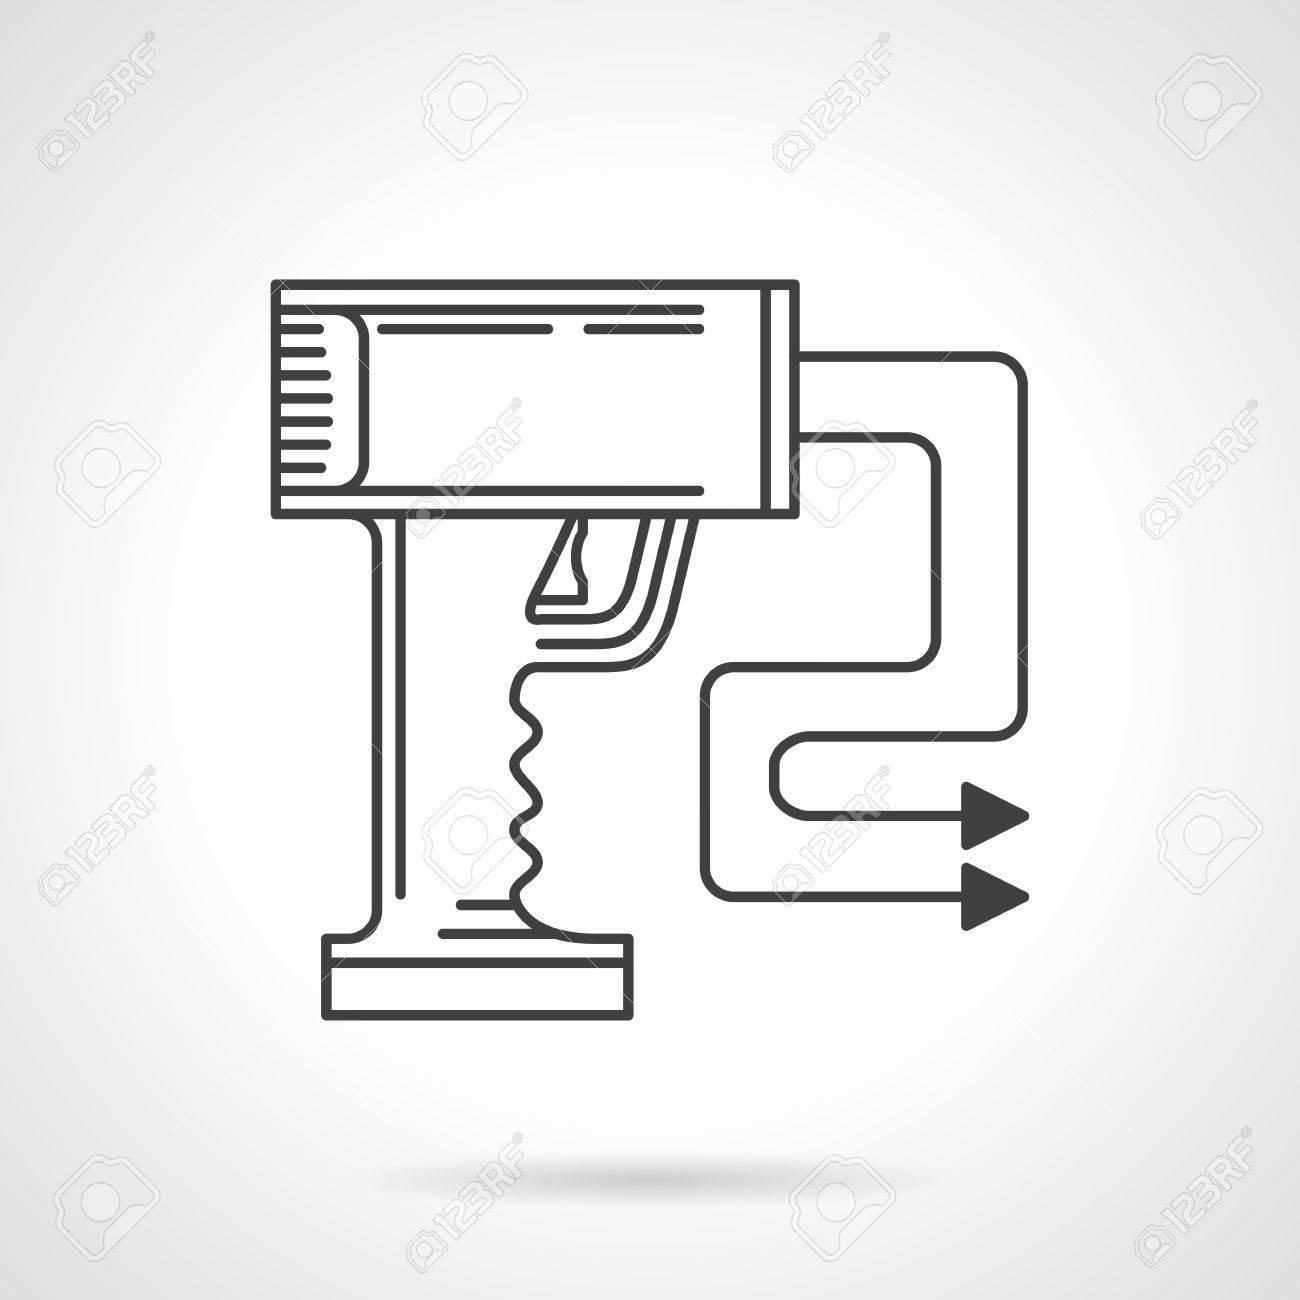 Beste Elektroschock Schaltplan Fotos - Elektrische Schaltplan-Ideen ...